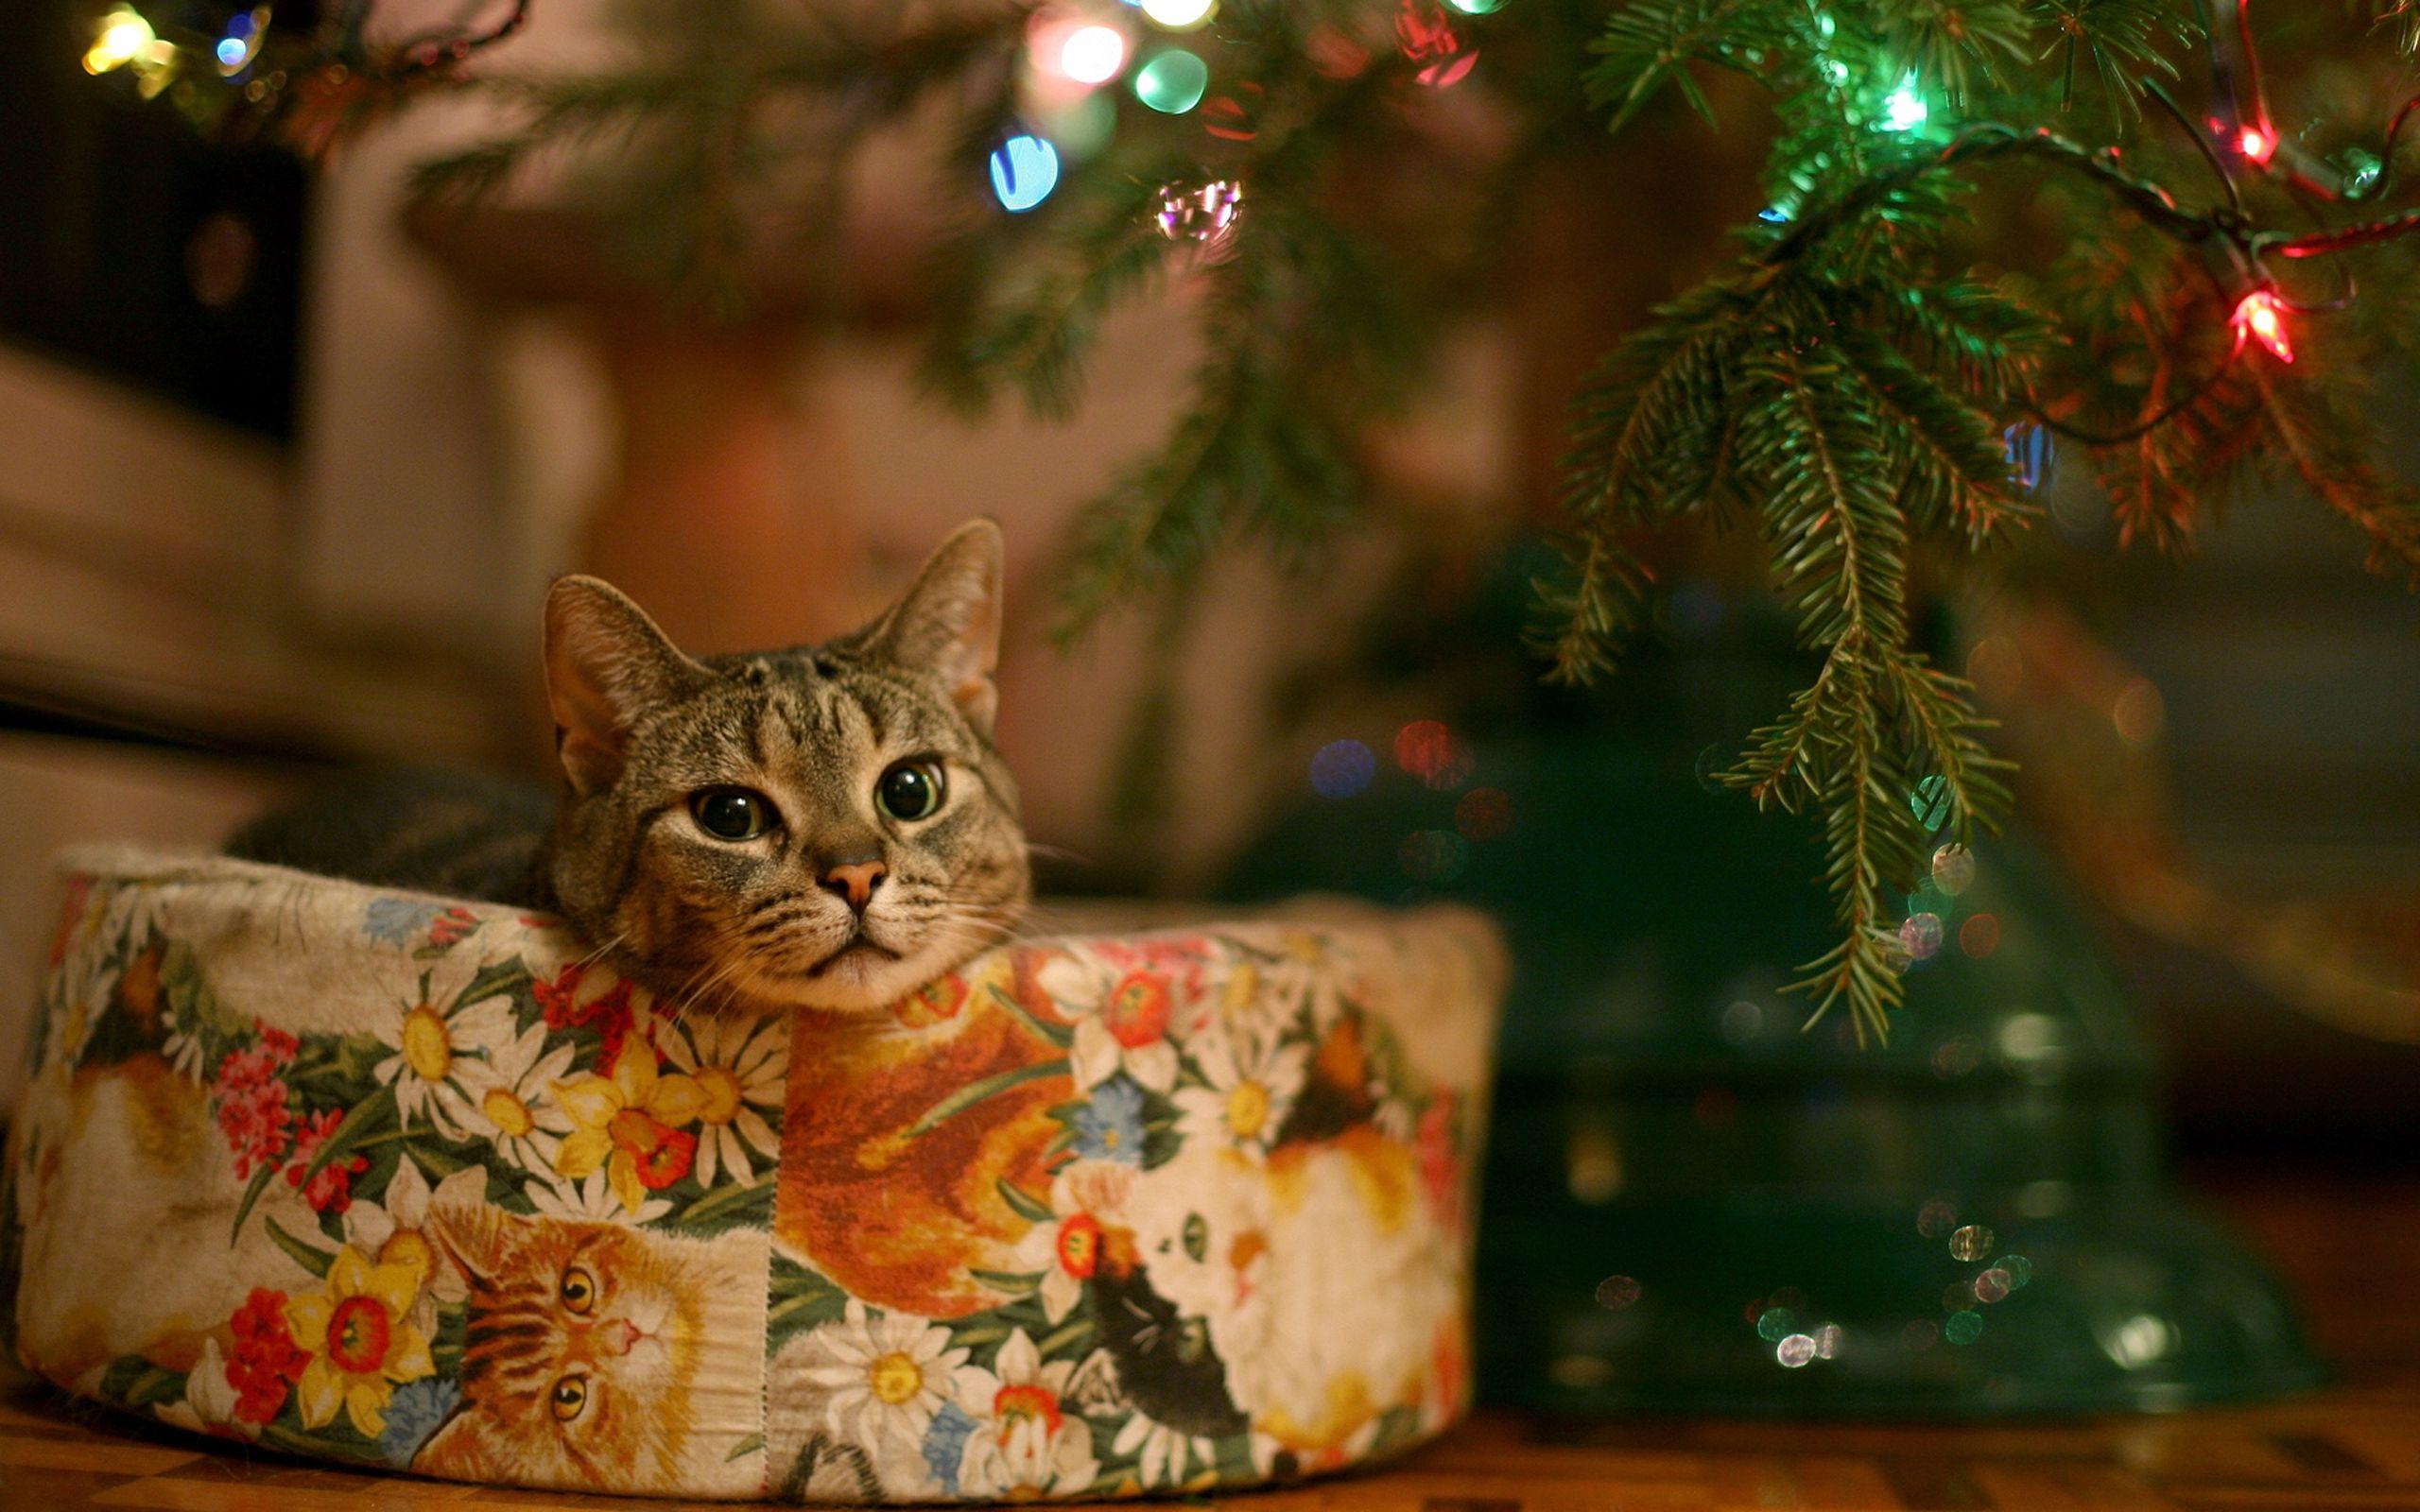 145505 Salvapantallas y fondos de pantalla Año Nuevo en tu teléfono. Descarga imágenes de Animales, Gato, Año Nuevo, Árbol De Navidad, Guirnalda gratis